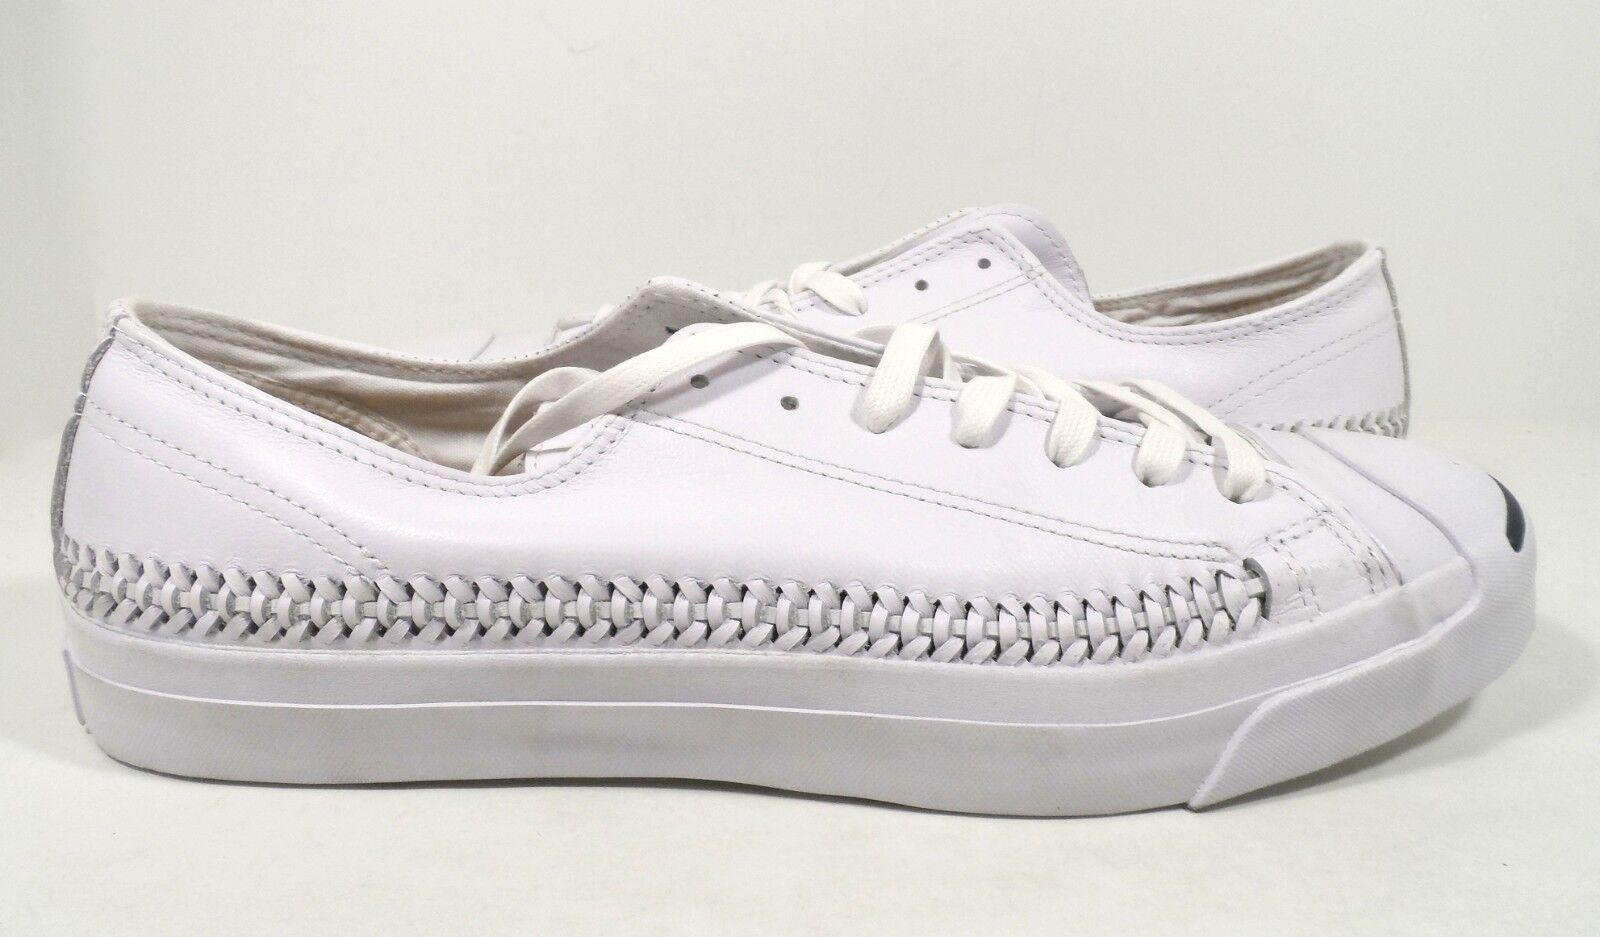 Zapatos  de cuero Purcell Converse Para Hombre Jack Purcell cuero Jack Woven Ox blanco tamaño 13 b20f83